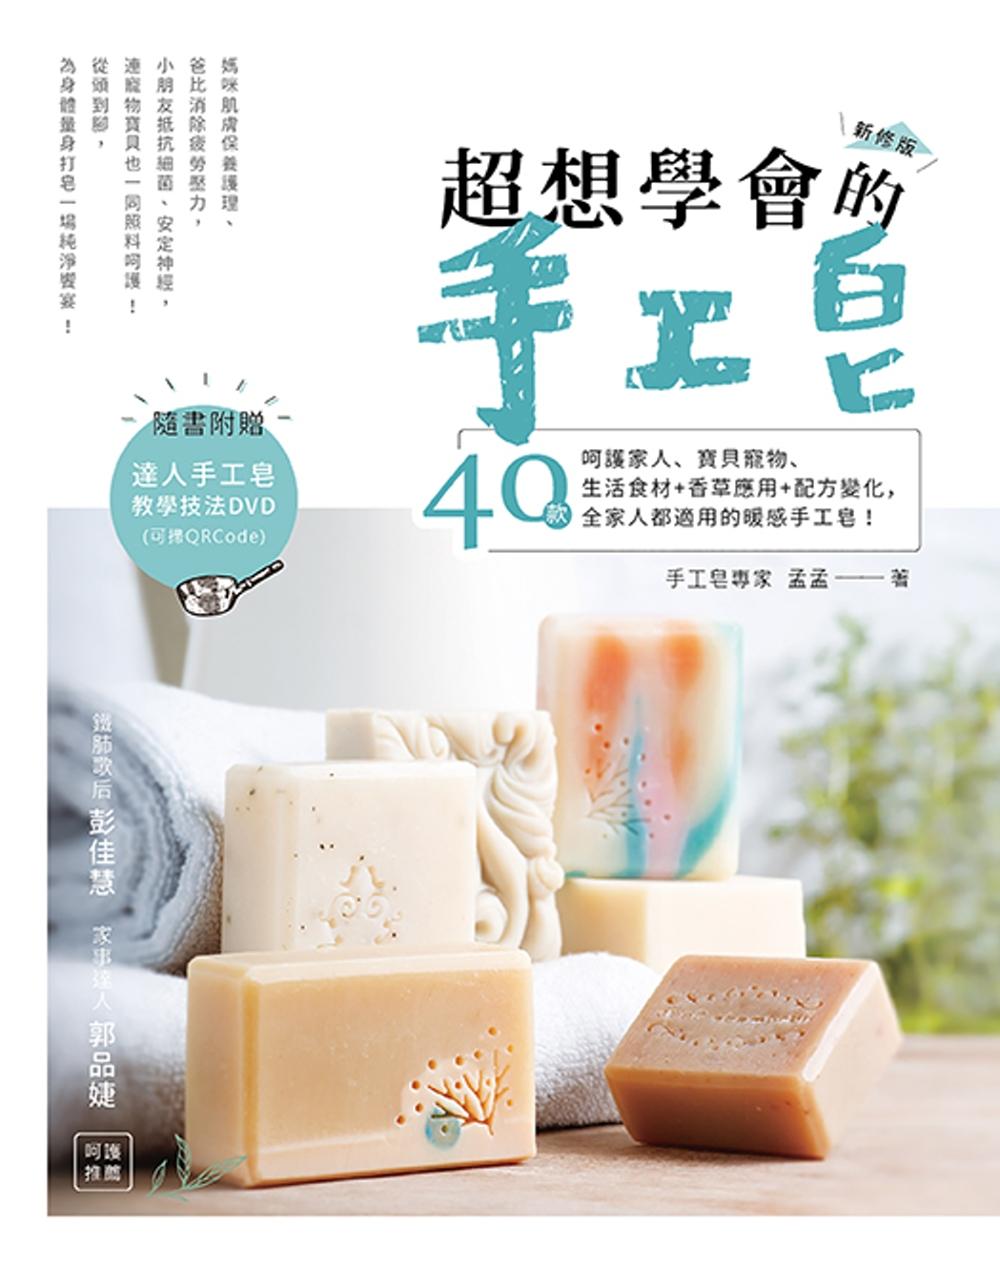 《超想學會的手工皂:40款生活食材+香草應用+配方變化,全家人都適用的暖感手工皂!(新修版)(附手工皂教學技法DVD)》 商品條碼,ISBN:9789863595038